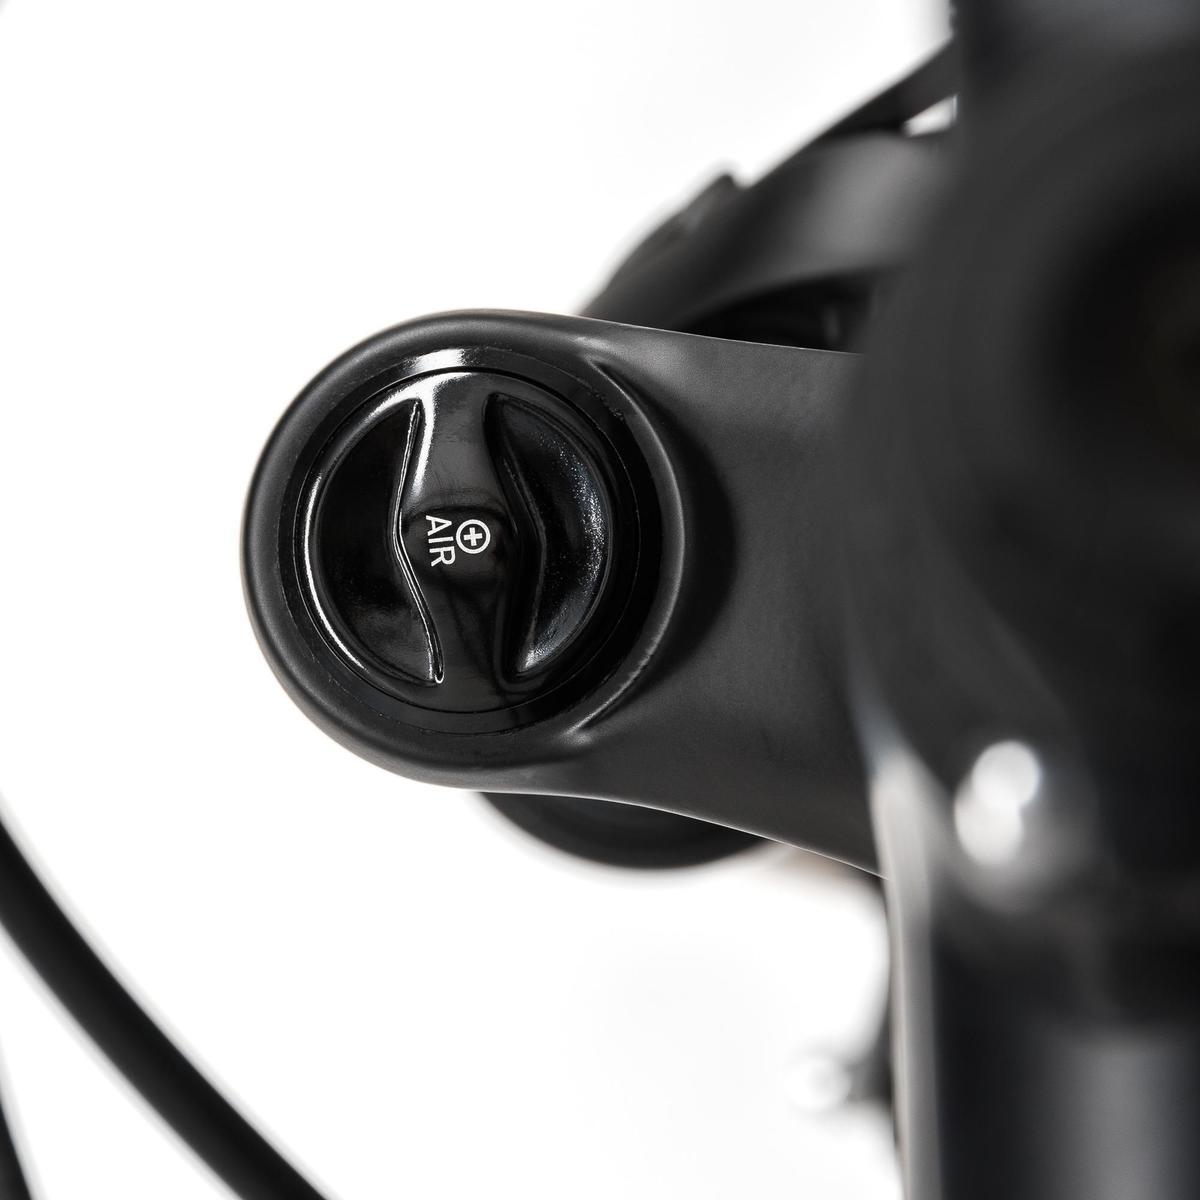 Bild 12 von E-MTB RR920 Performance CX 2018 500WH Alu schwarz/gelb